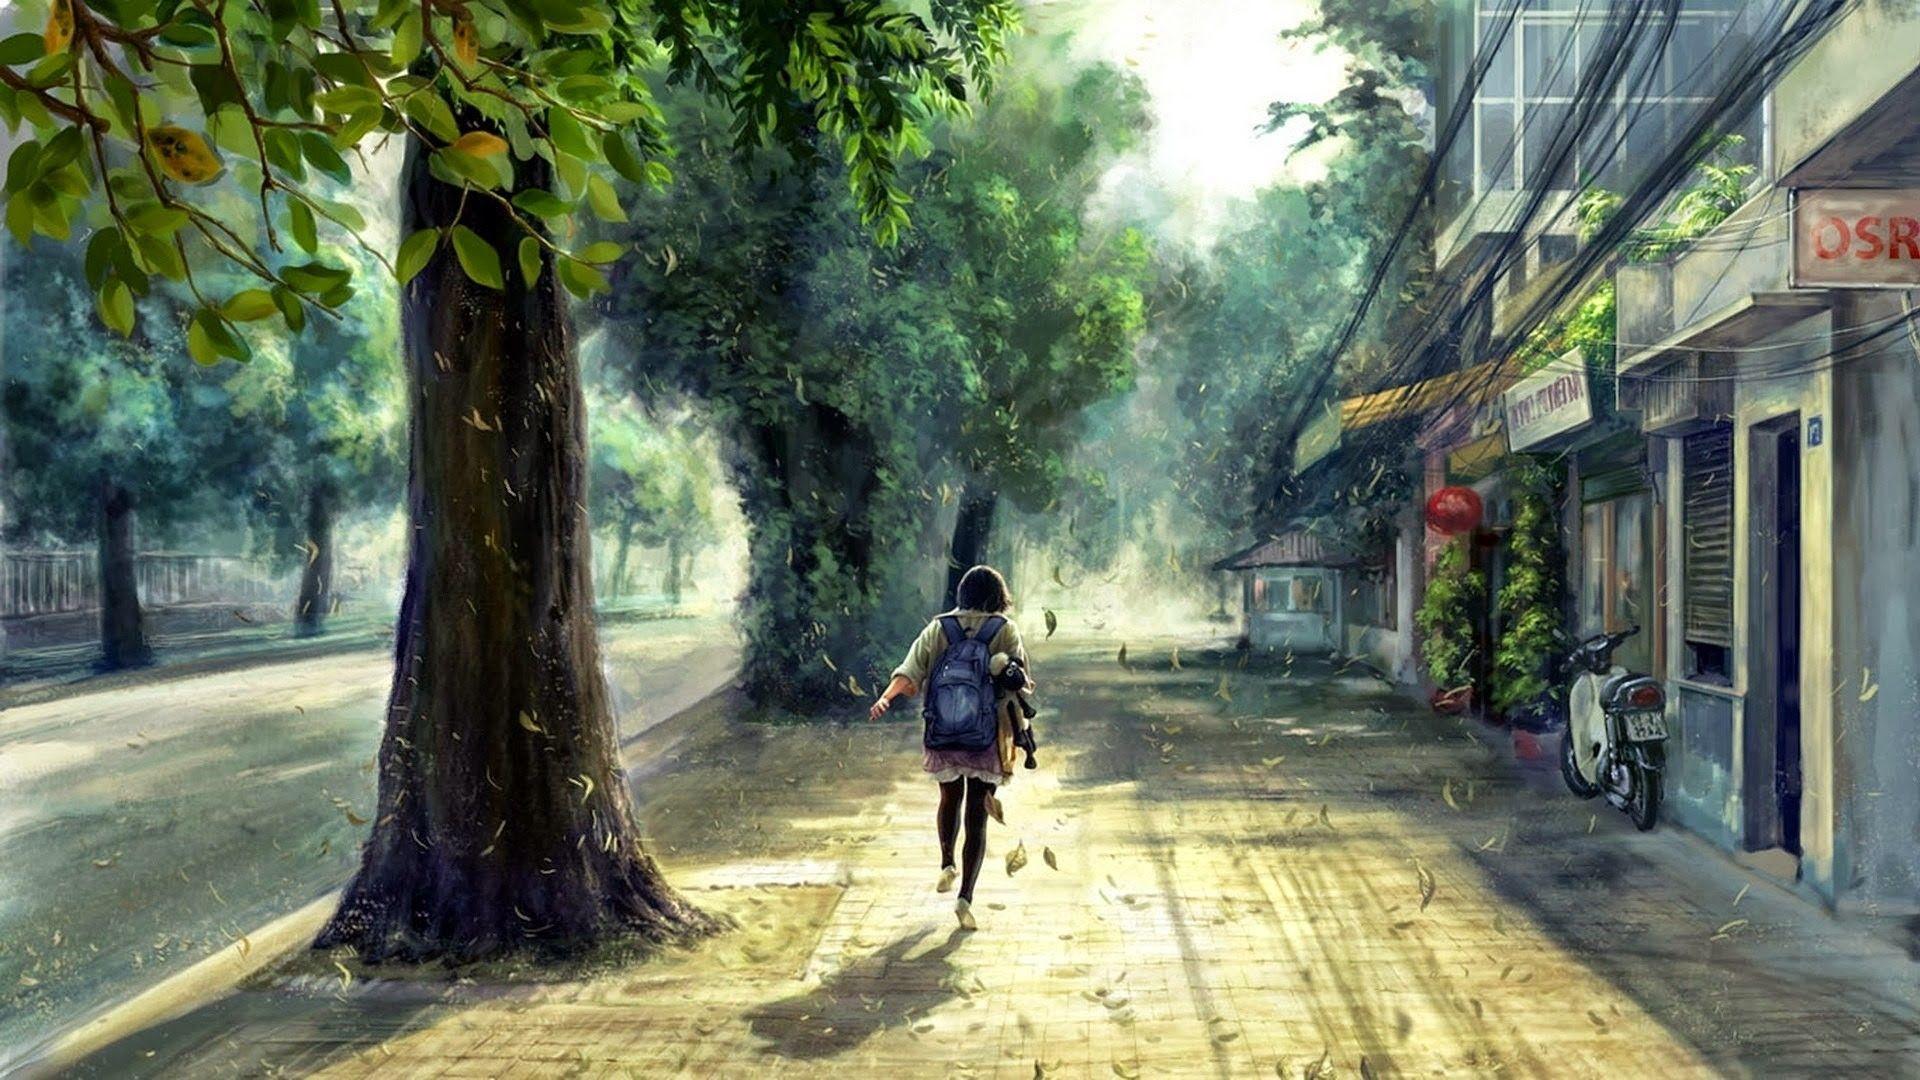 Anime Scenery Street Wallpaper HD Desktop 48929 Wallpaper